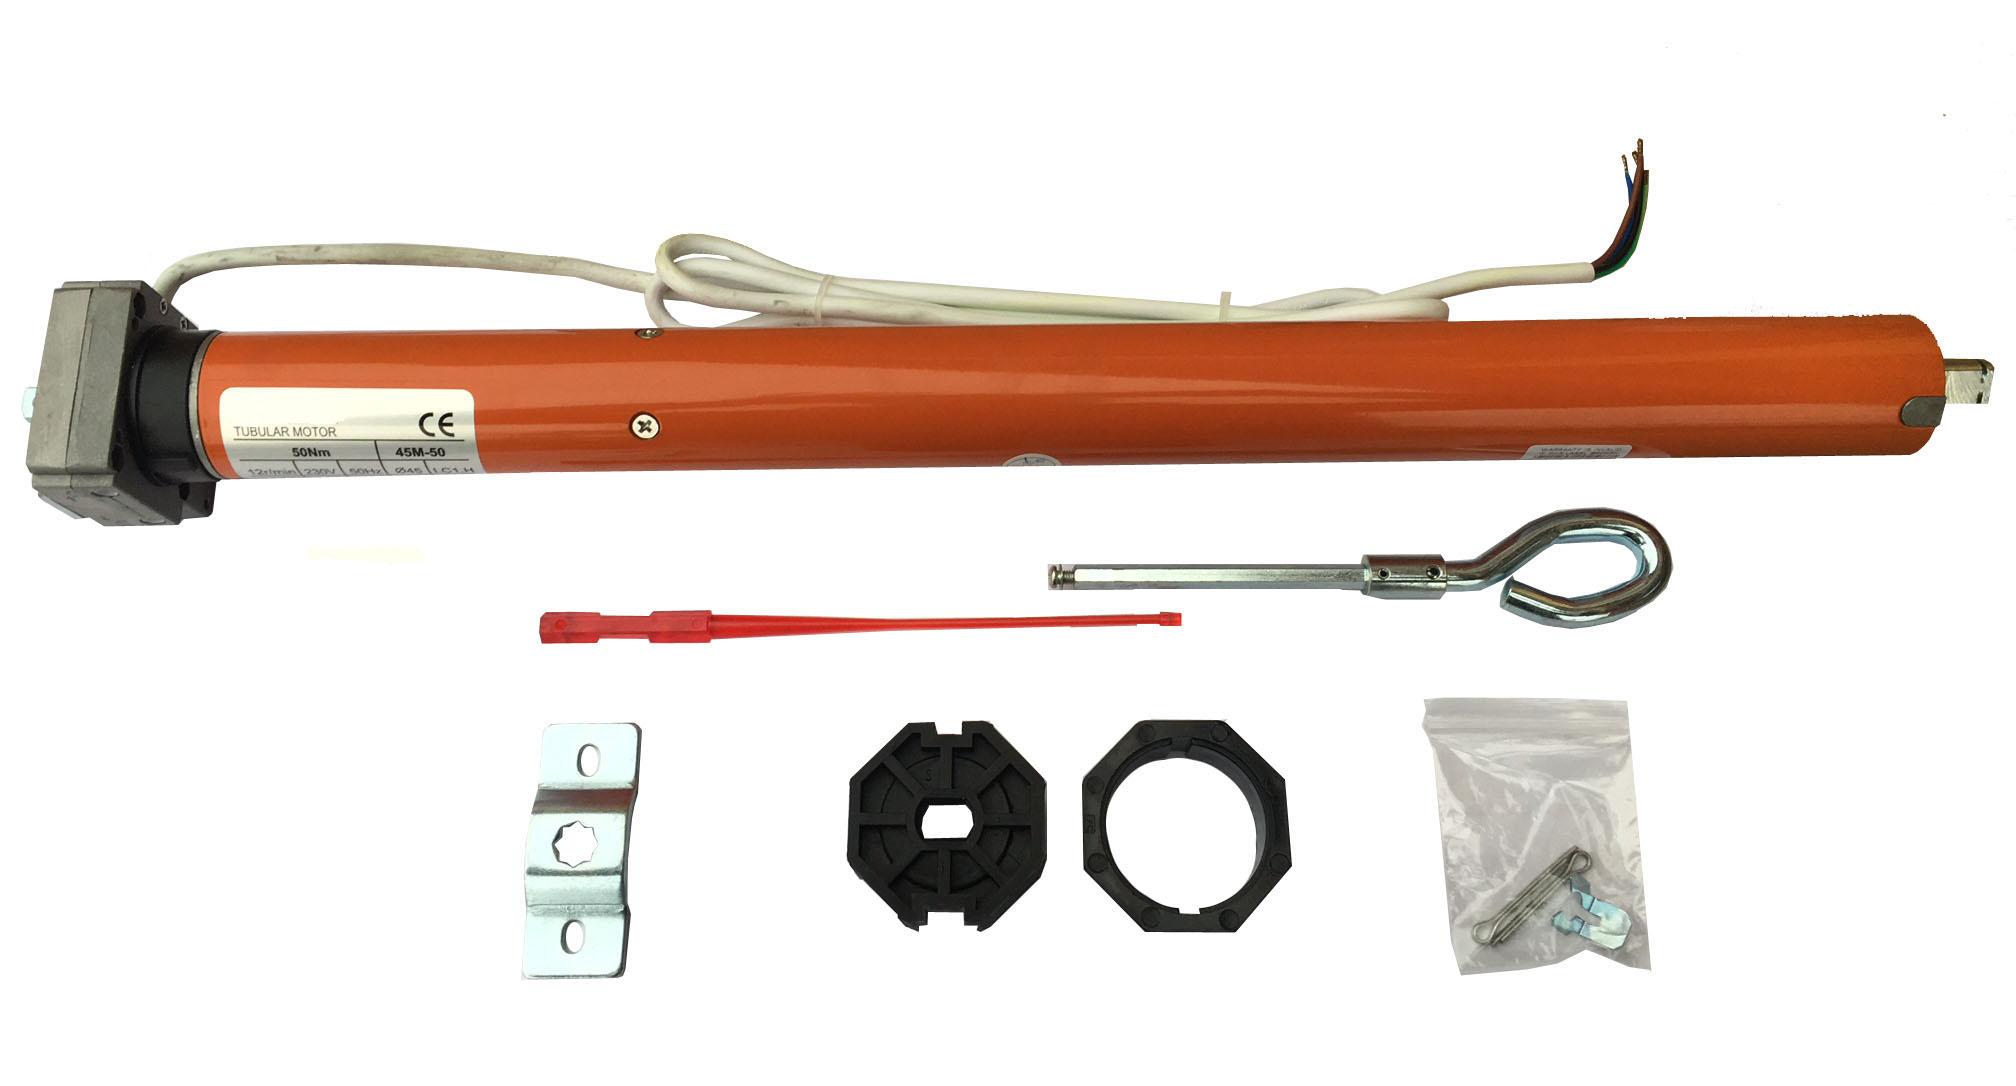 Motorizzare Tende Da Sole.Motore Per Tende Da Sole T50m 100kg 50 Nm Per Tapparelle Con Manovra